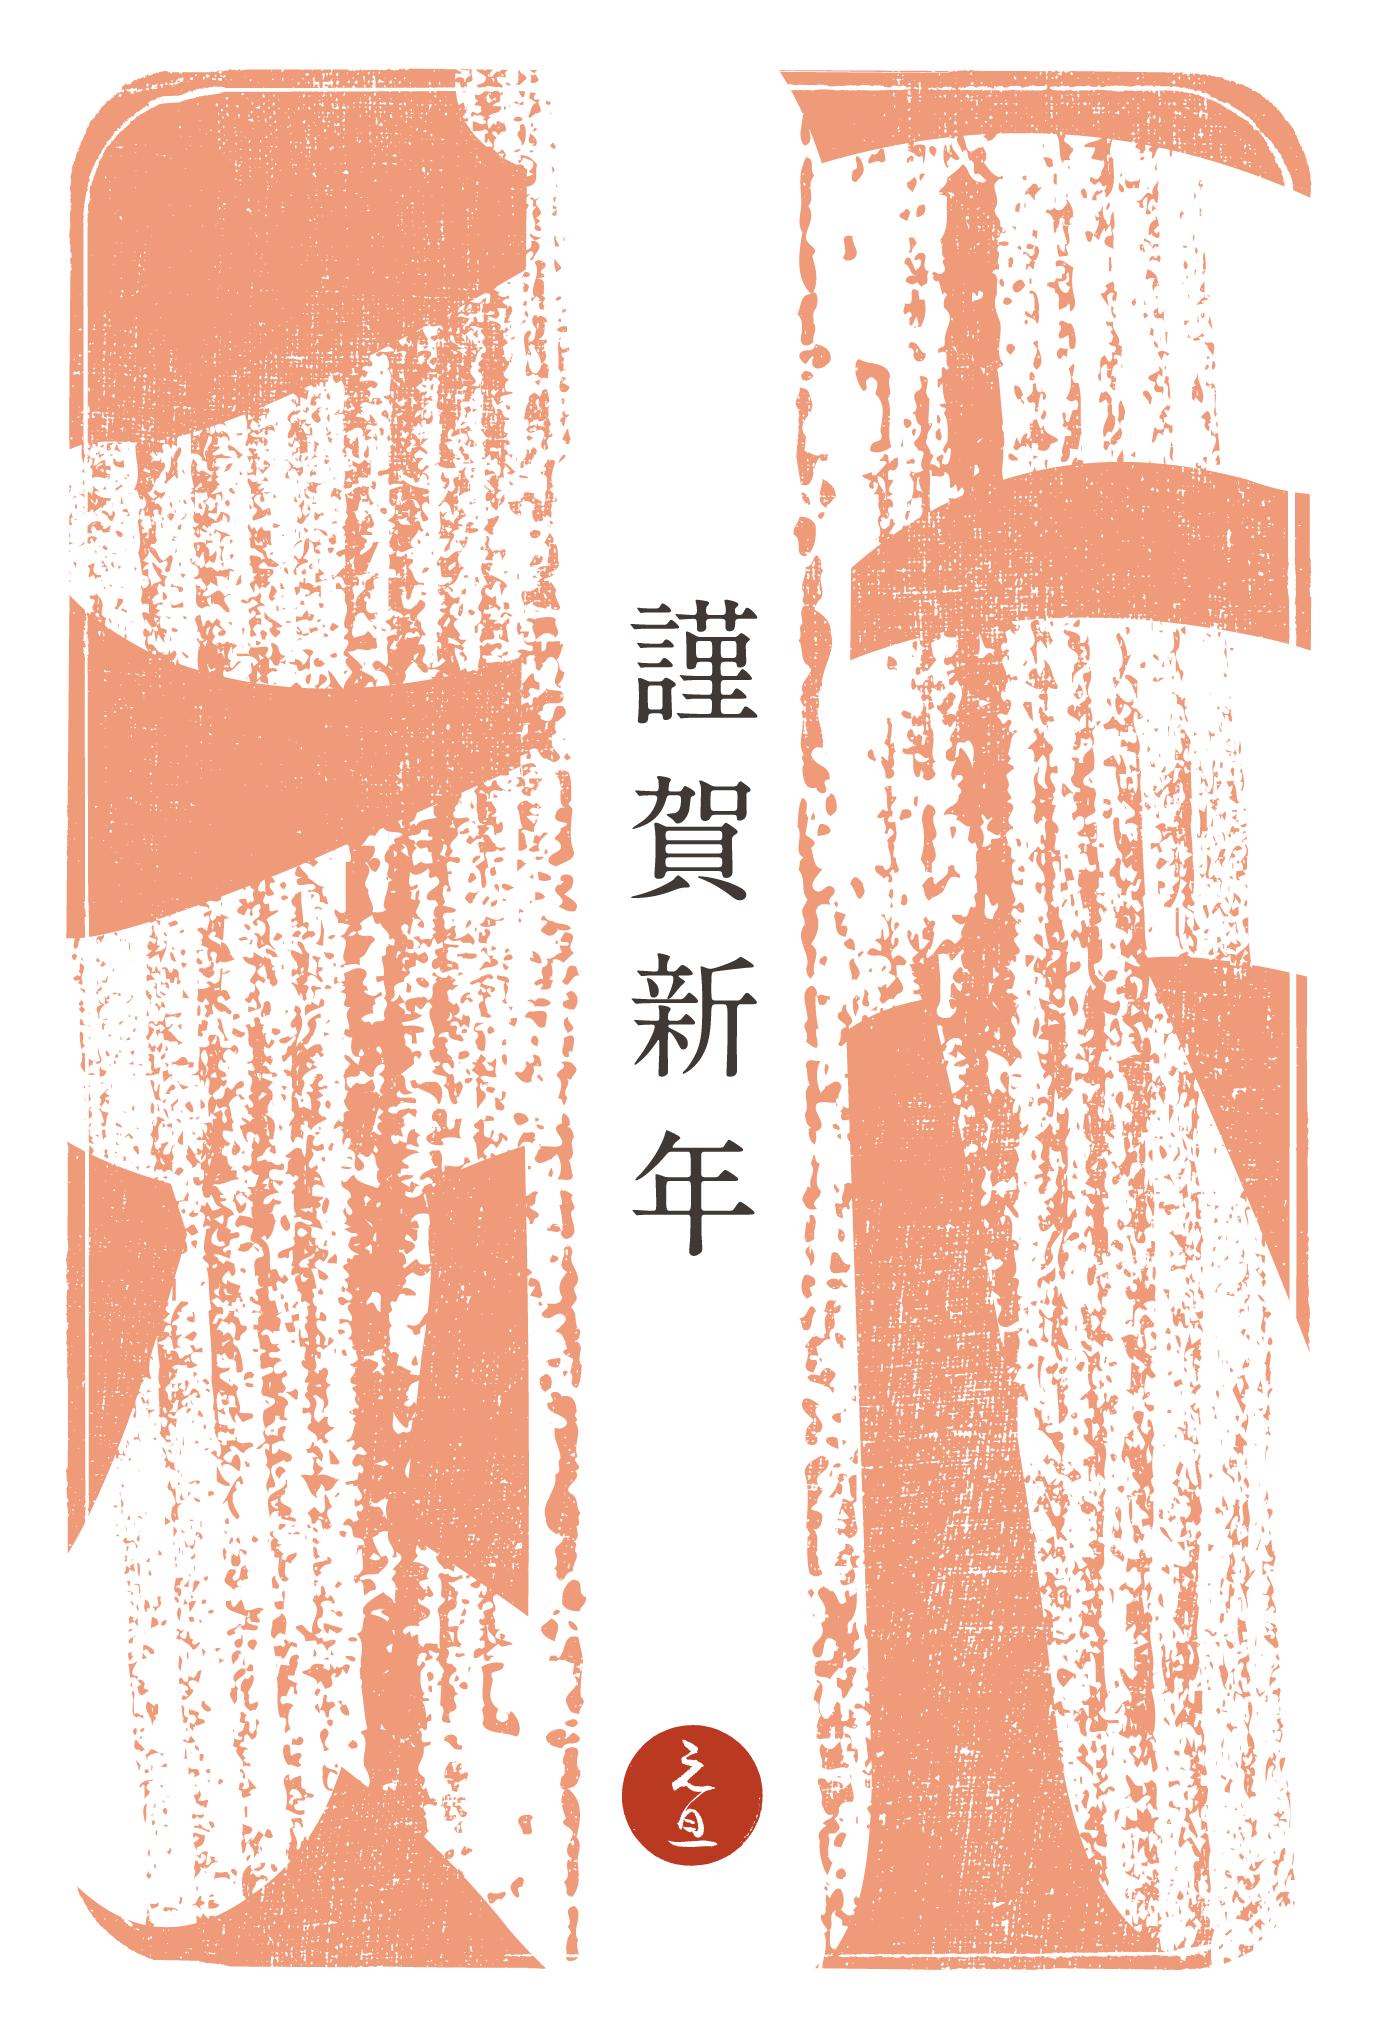 2015年賀状04-3:江戸勘亭流(羊)紅梅色のダウンロード画像